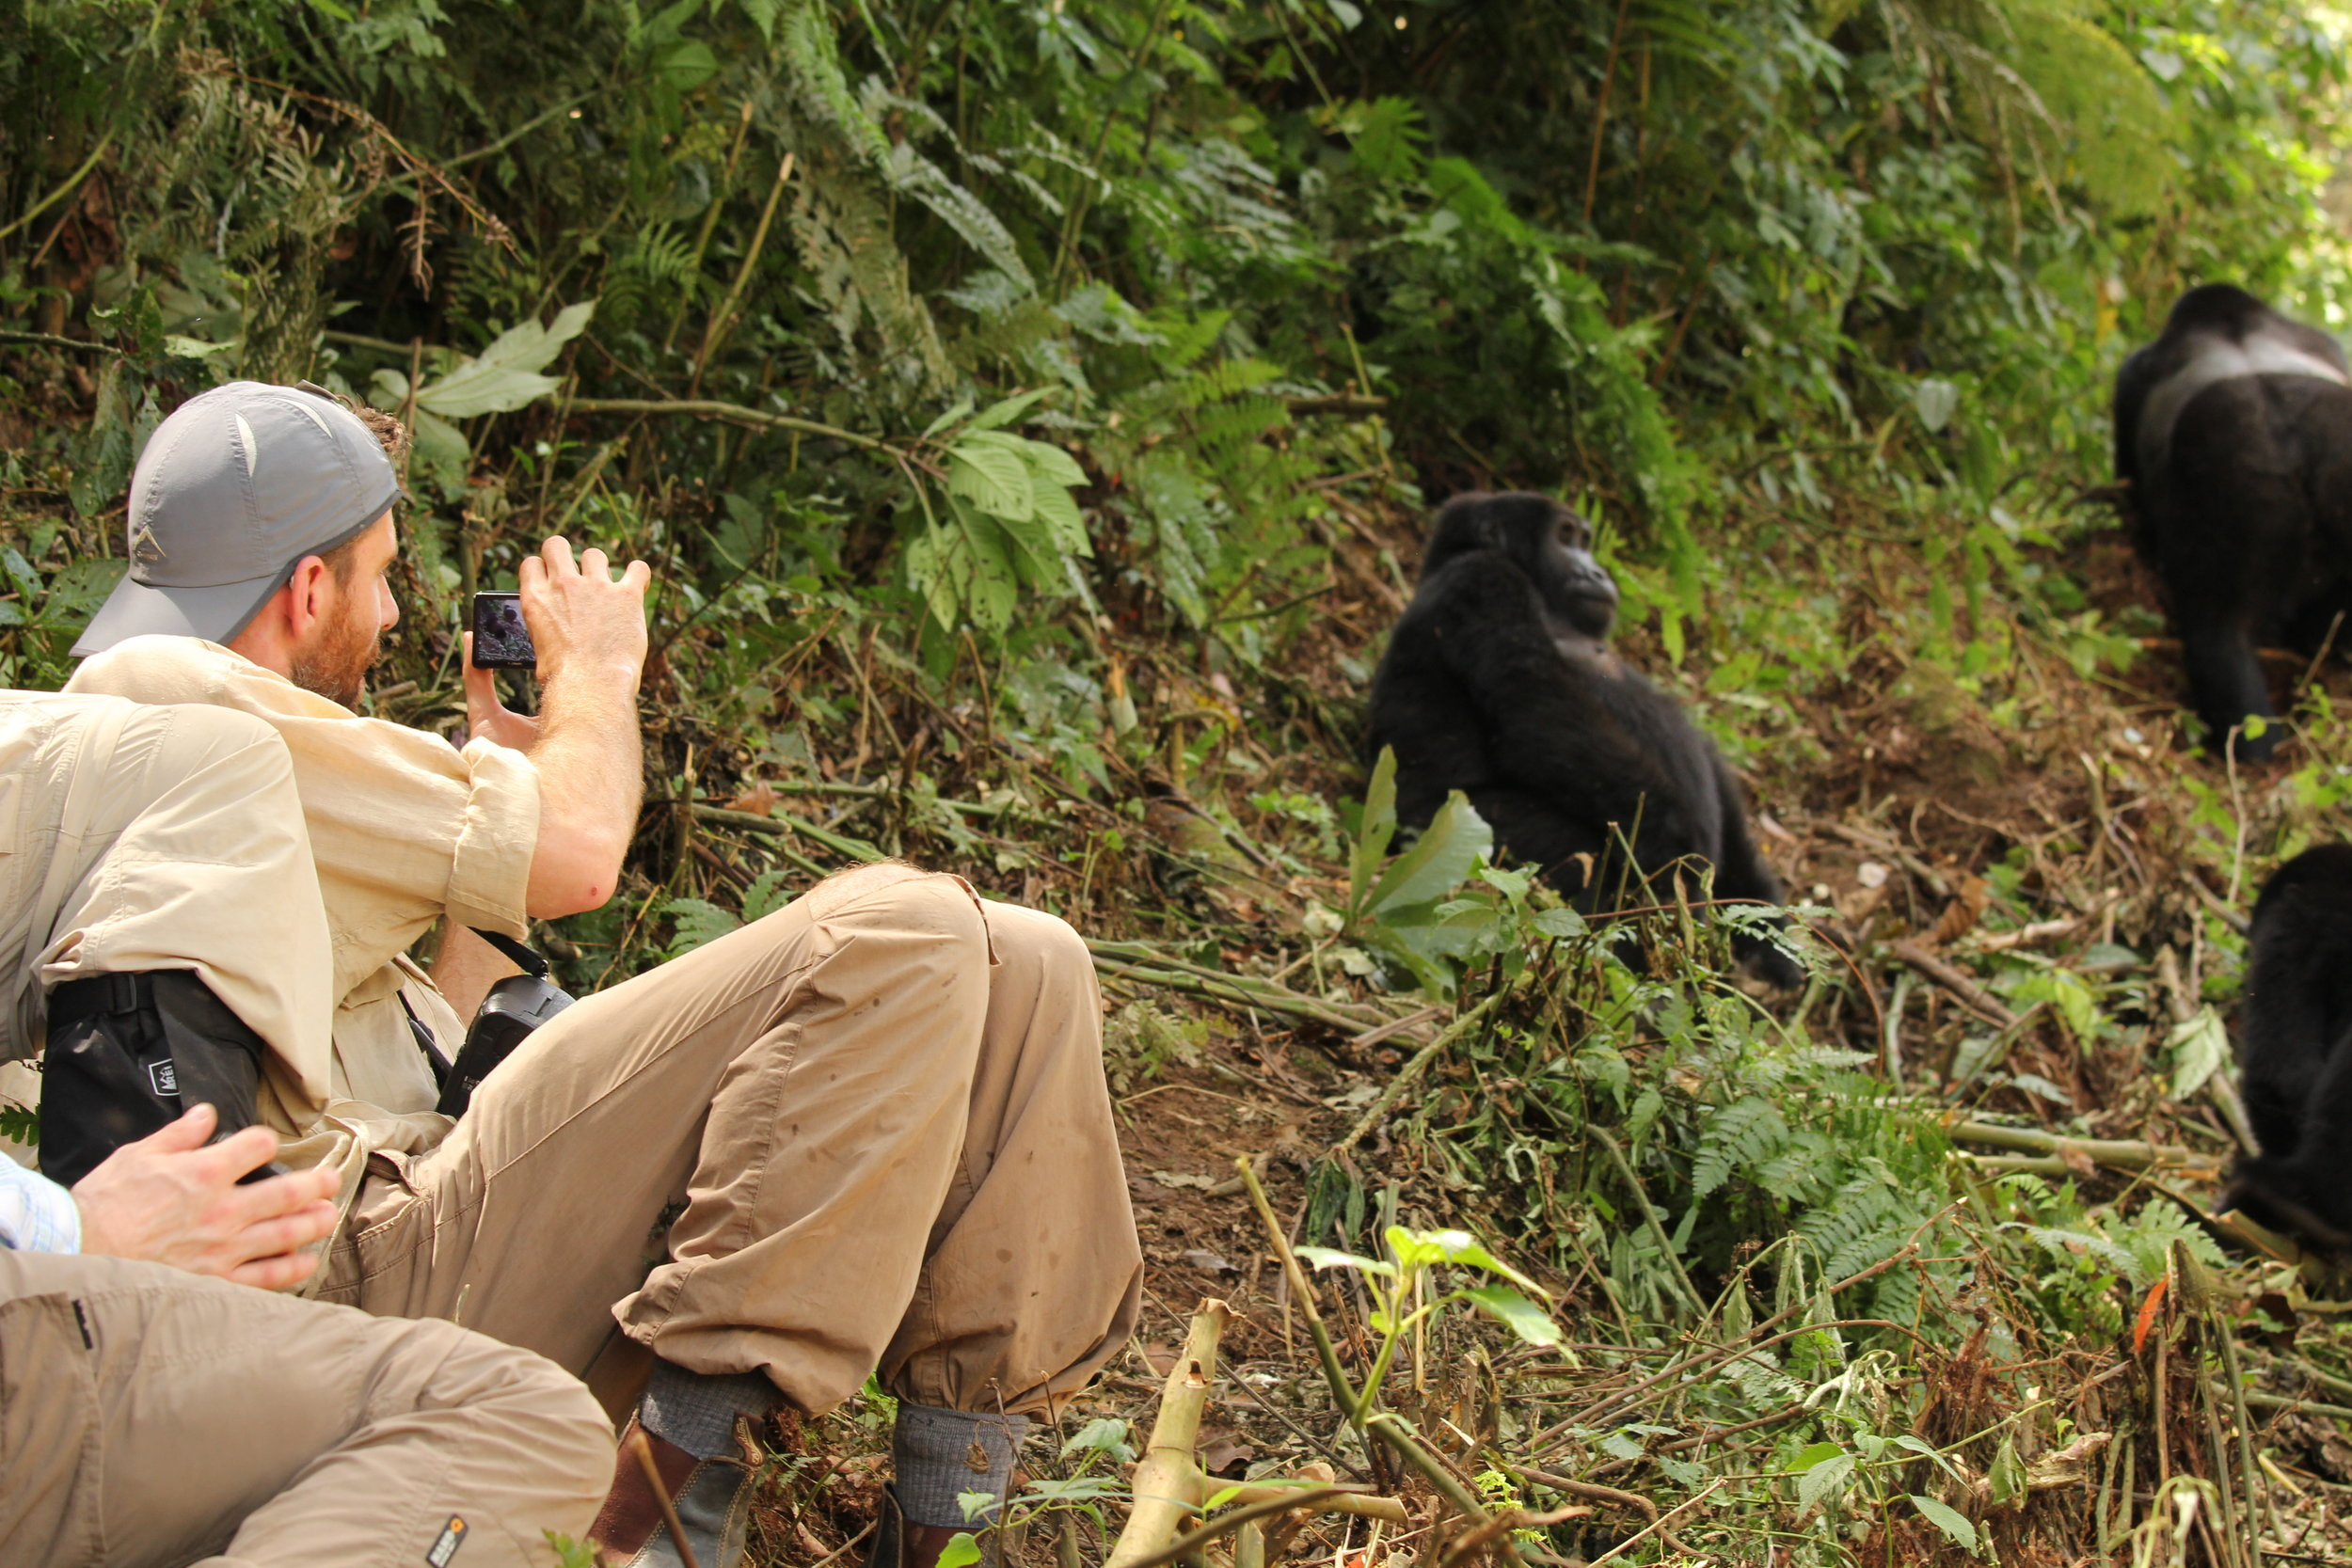 Nkuringo Gorilla trek_lyndsay harshman photo.JPG